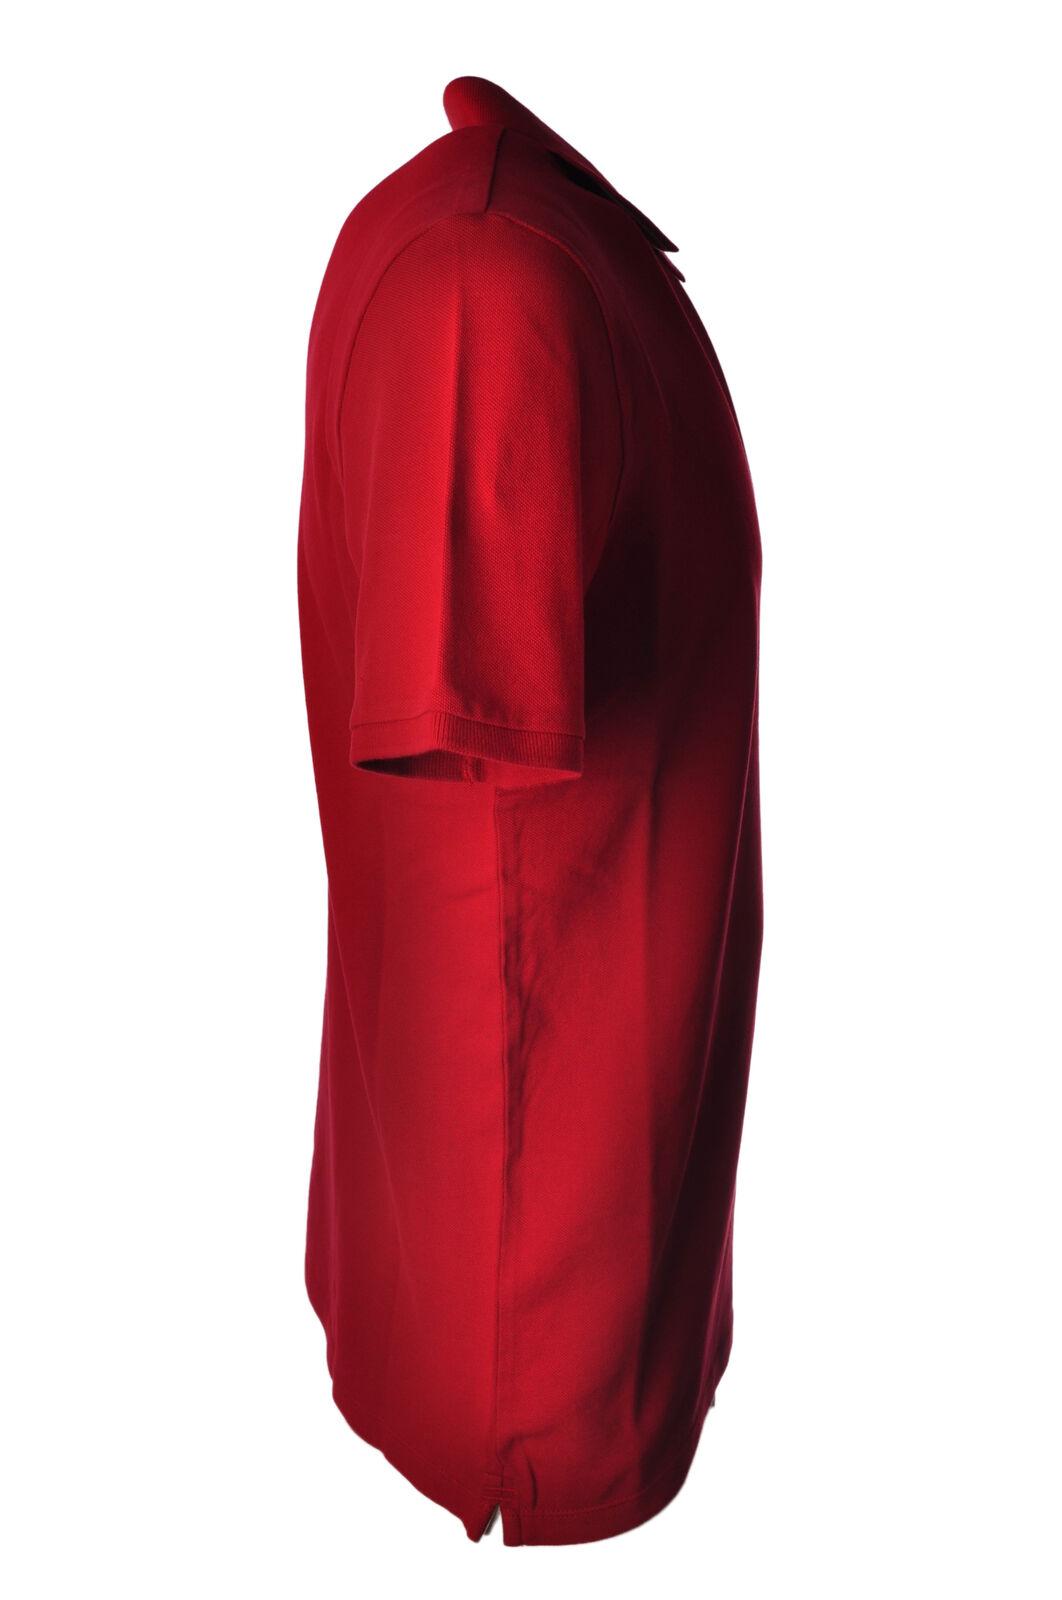 Woolrich - Topwear Topwear Topwear Polo - Mann - Rot - 5018914H184307 2c5191